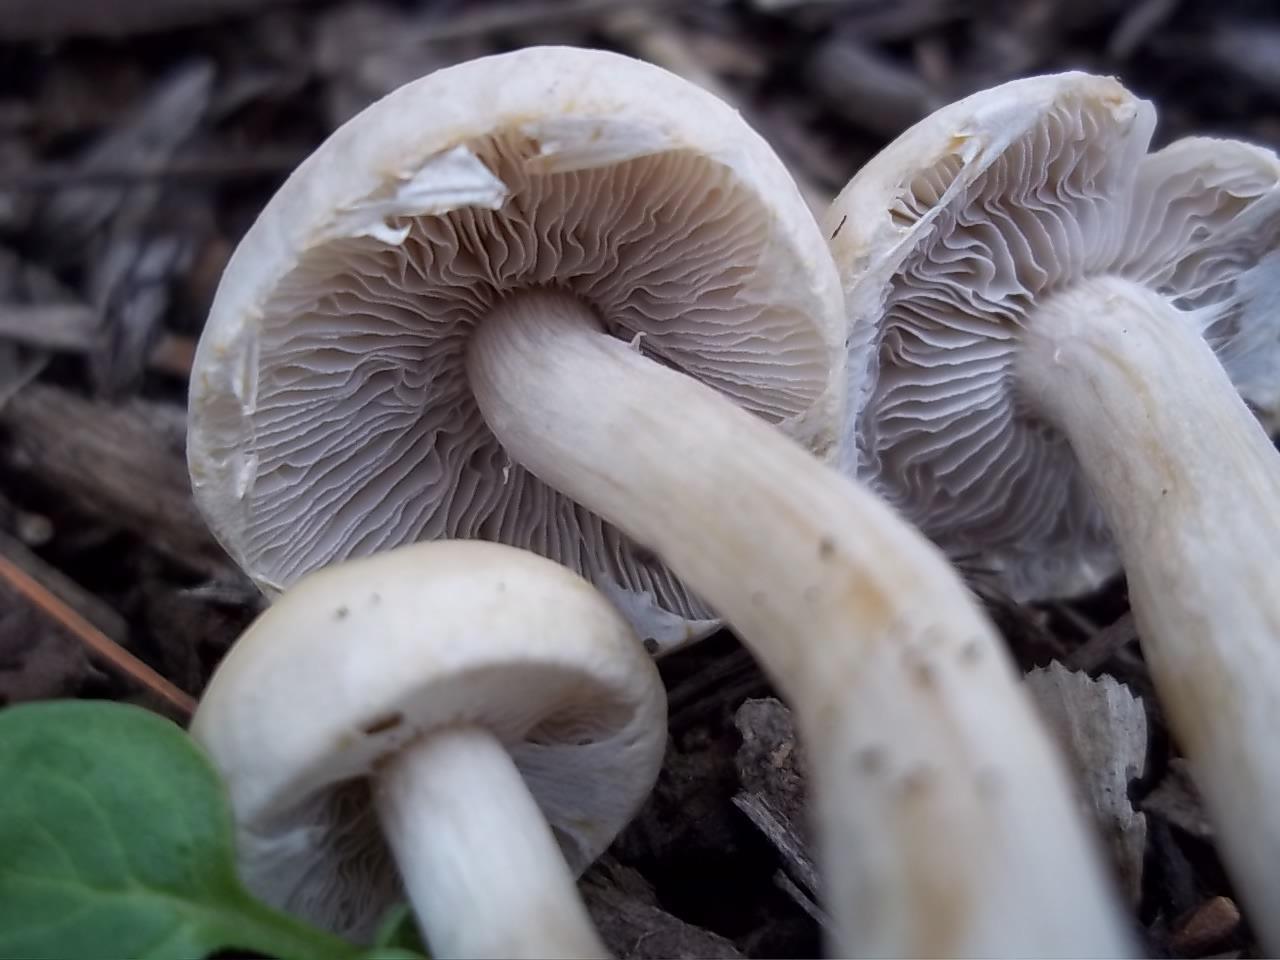 Marasmius Oreades Fairy Ring Mushroom Mushroom